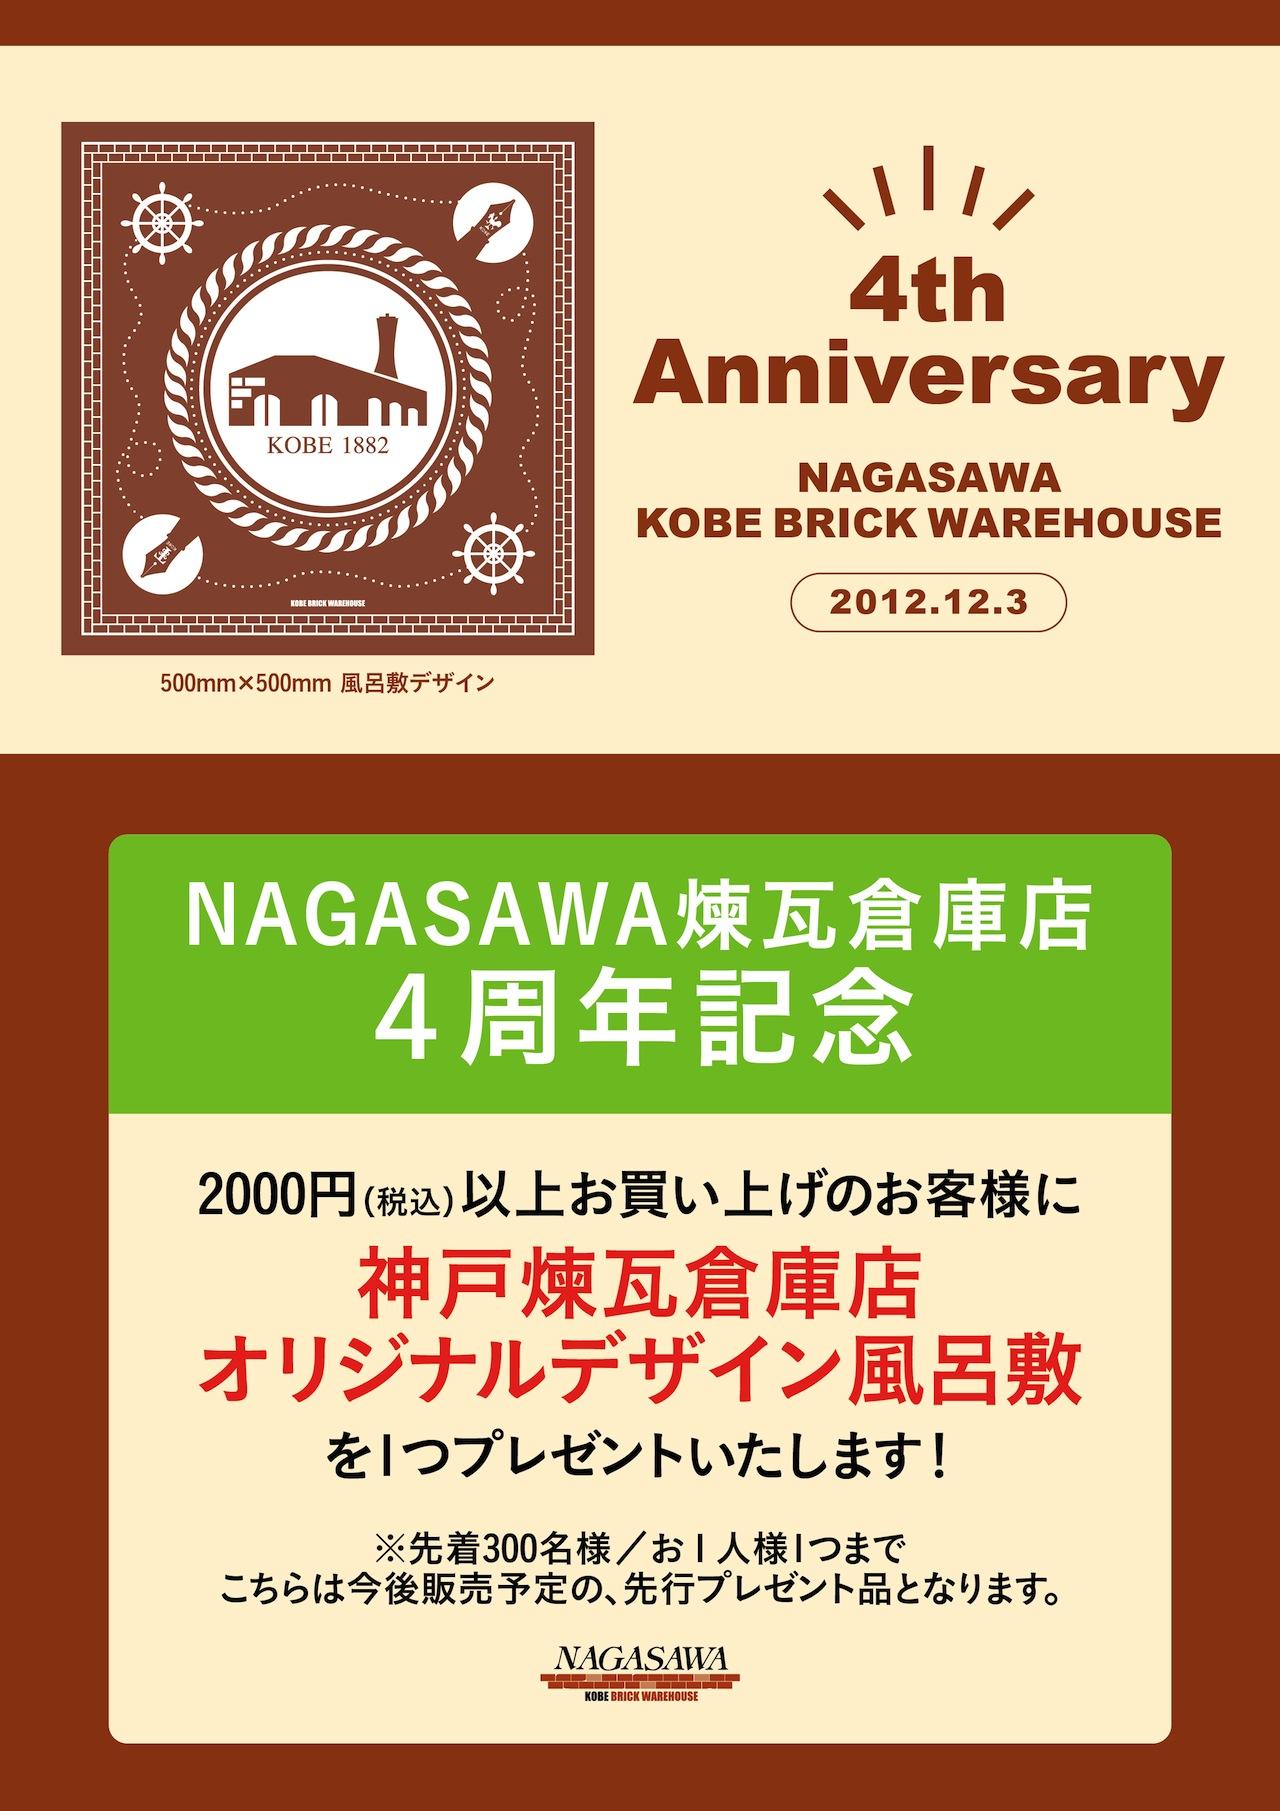 おかげさまで4周年!日頃のご愛顧ありがとうございます!!@NAGASAWA神戸煉瓦倉庫店